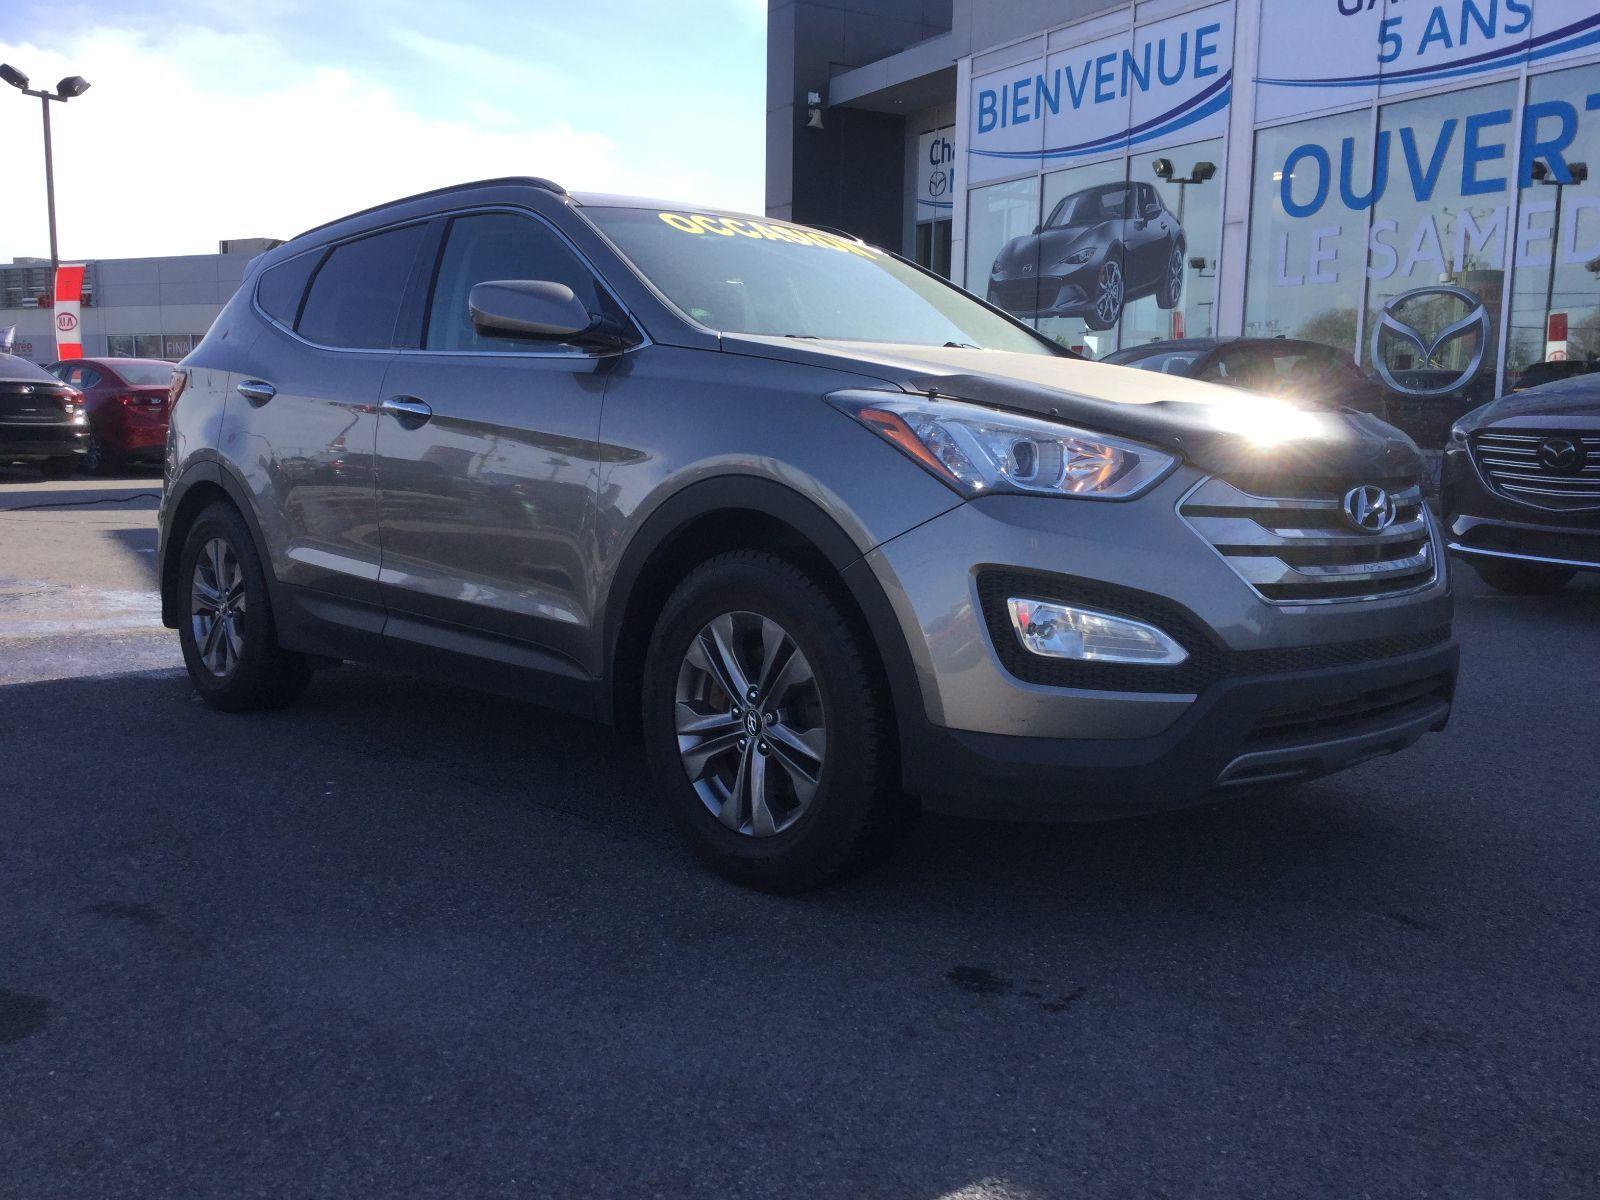 Hyundai Santa Fe **RÉSERVÉ**, SPORT, A/C, SIÈGES/VOLANT CHAUFFANTS 2013 BLUETOOTH, RÉGULATEUR DE VITESSE,